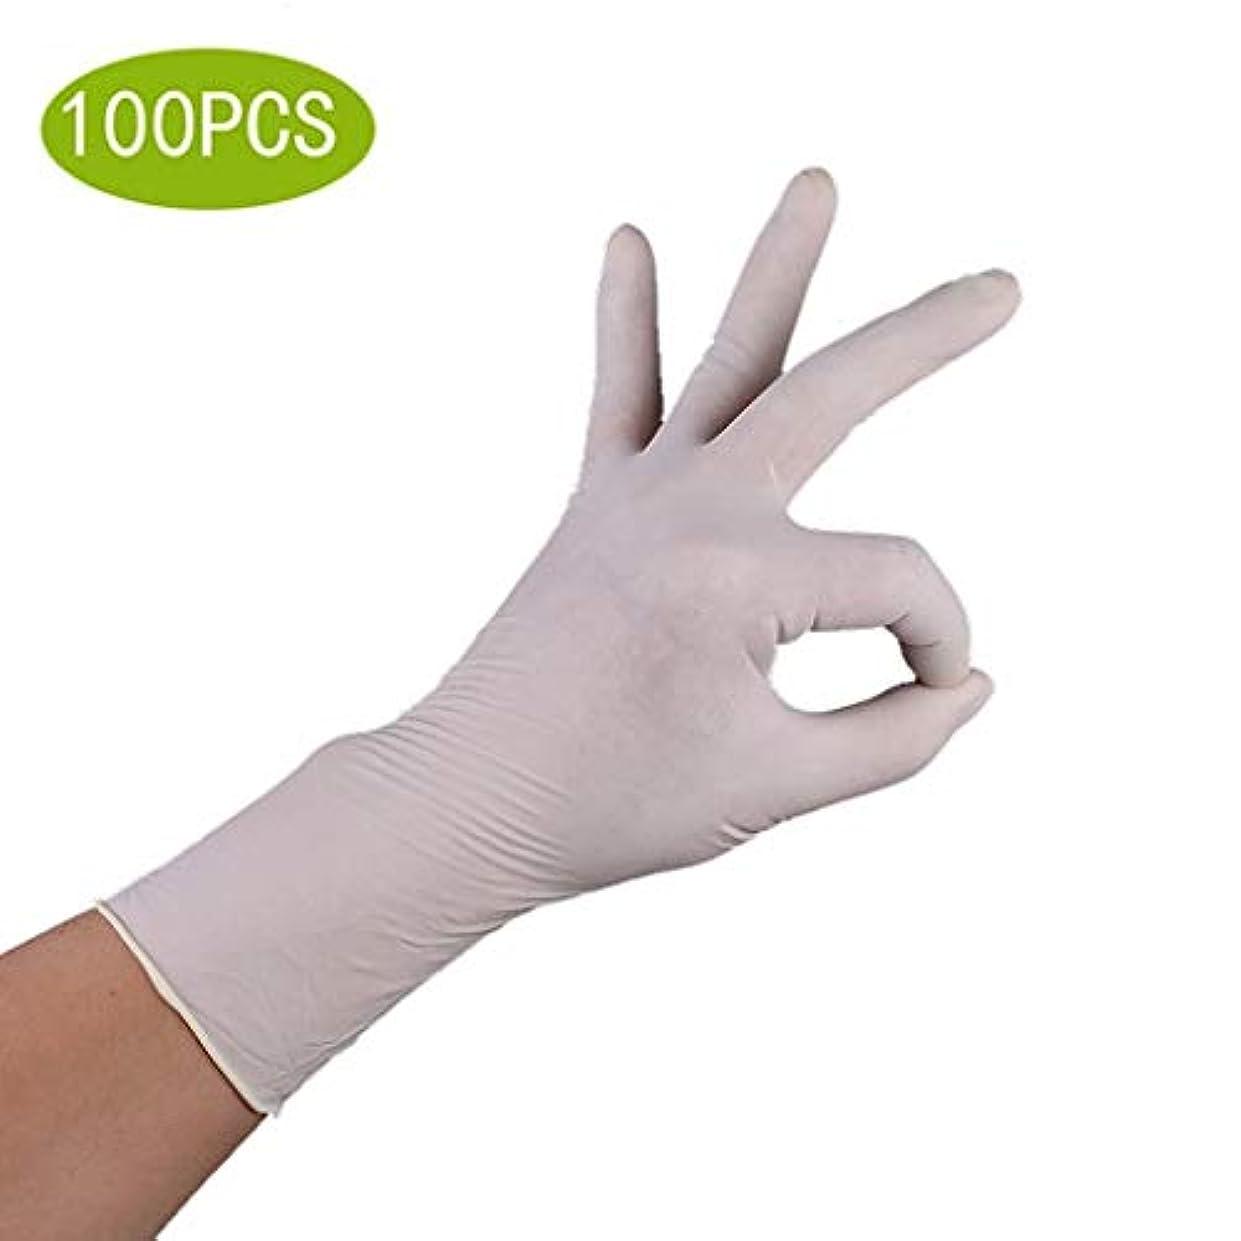 トレース報酬地域の使い捨て手袋食品ケータリング手術丁清ゴムラテックススキンキッチン厚い試験/食品グレード安全用品、使い捨て手袋ディスペンサー[100個] (Size : L)